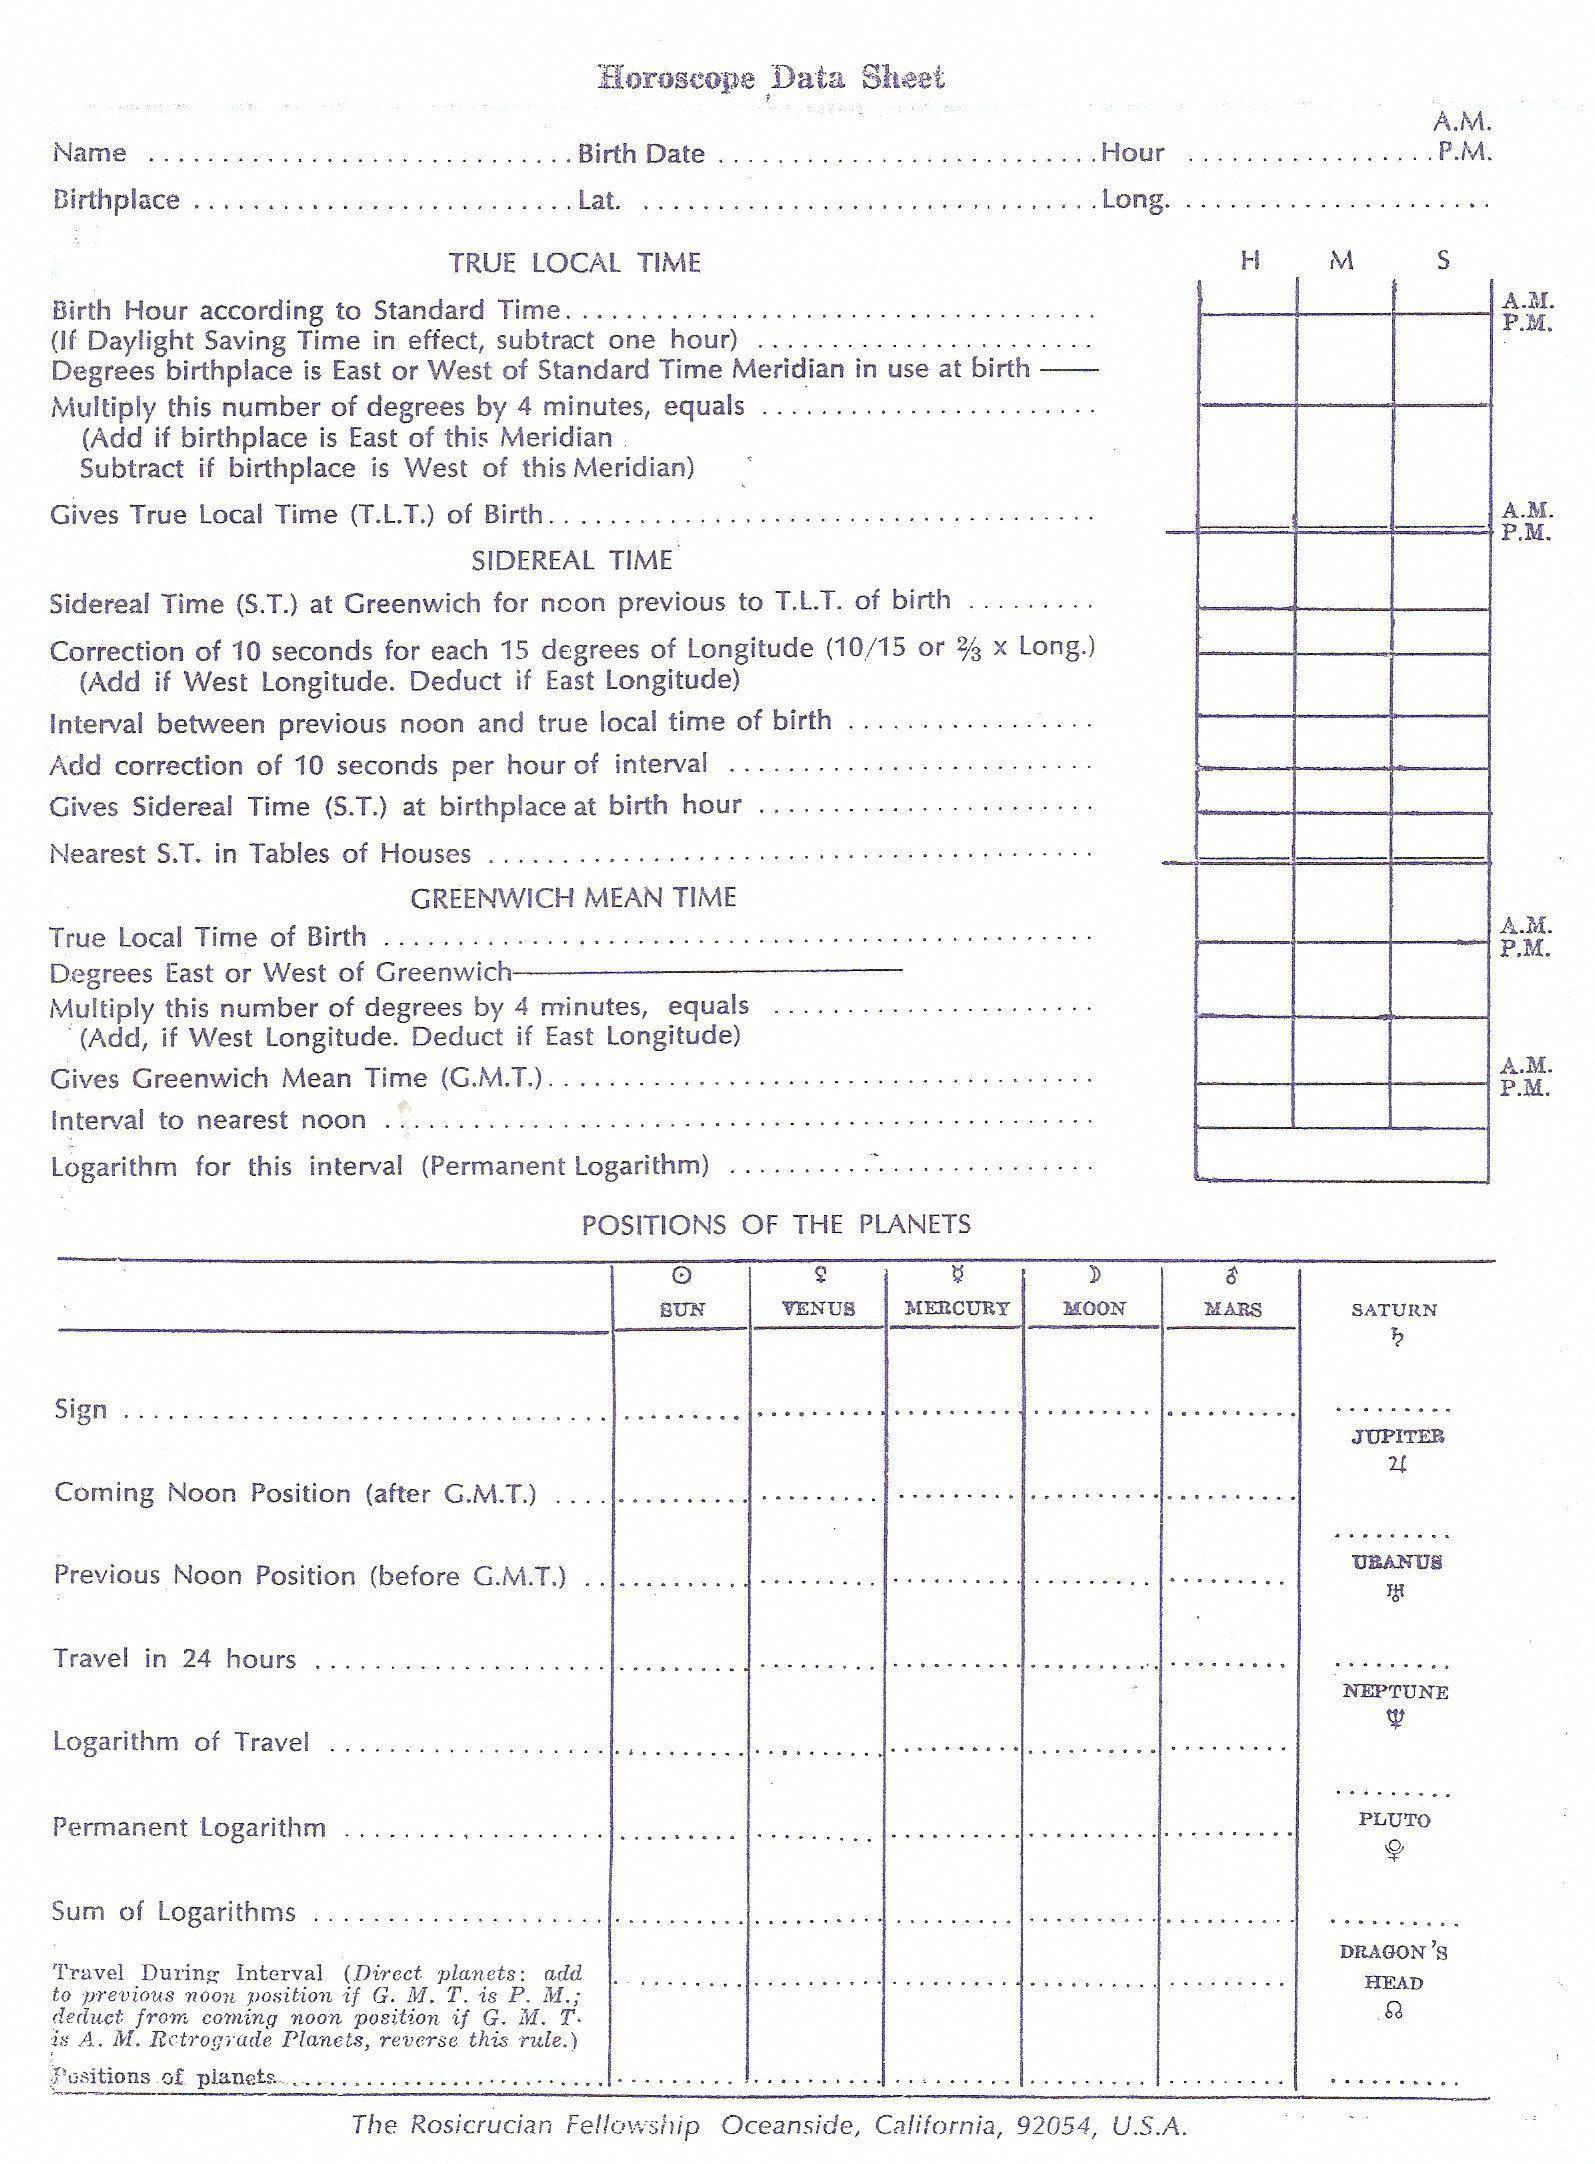 Blank Astrology Wheel Numerologychart Onlinenumerology